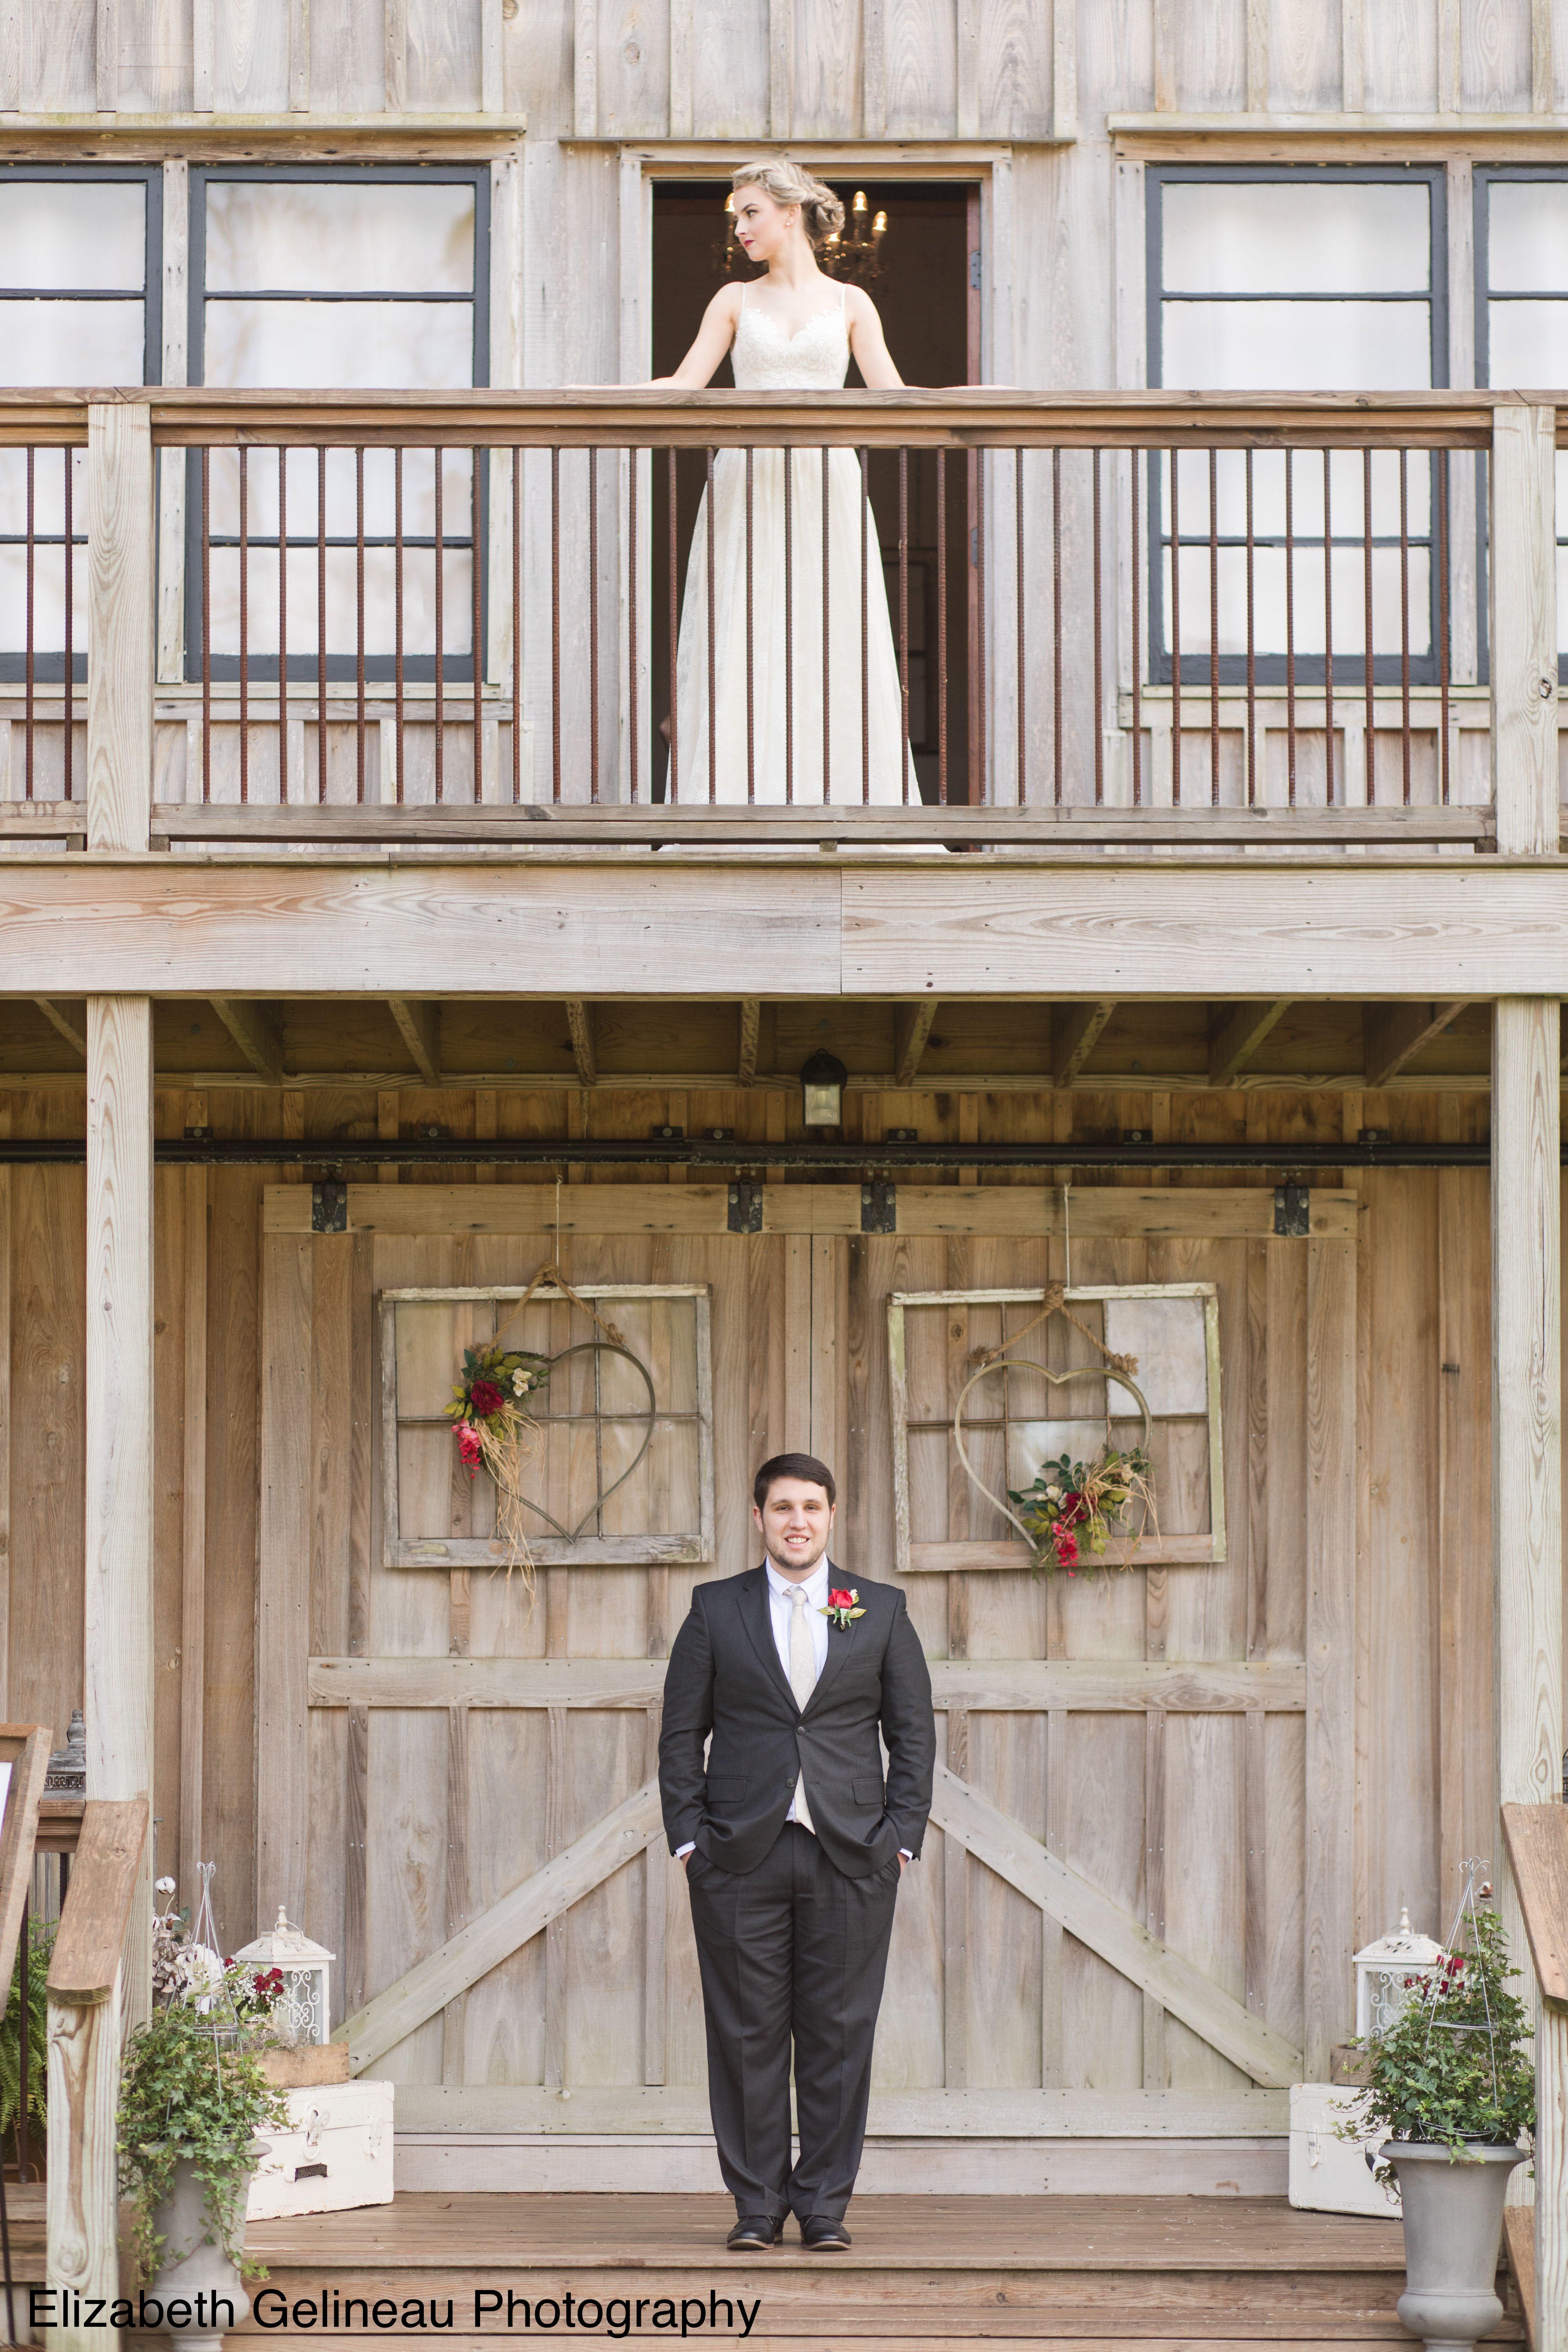 Kalioka Stables wedding venue in Mobile Al, rustic wedding ...